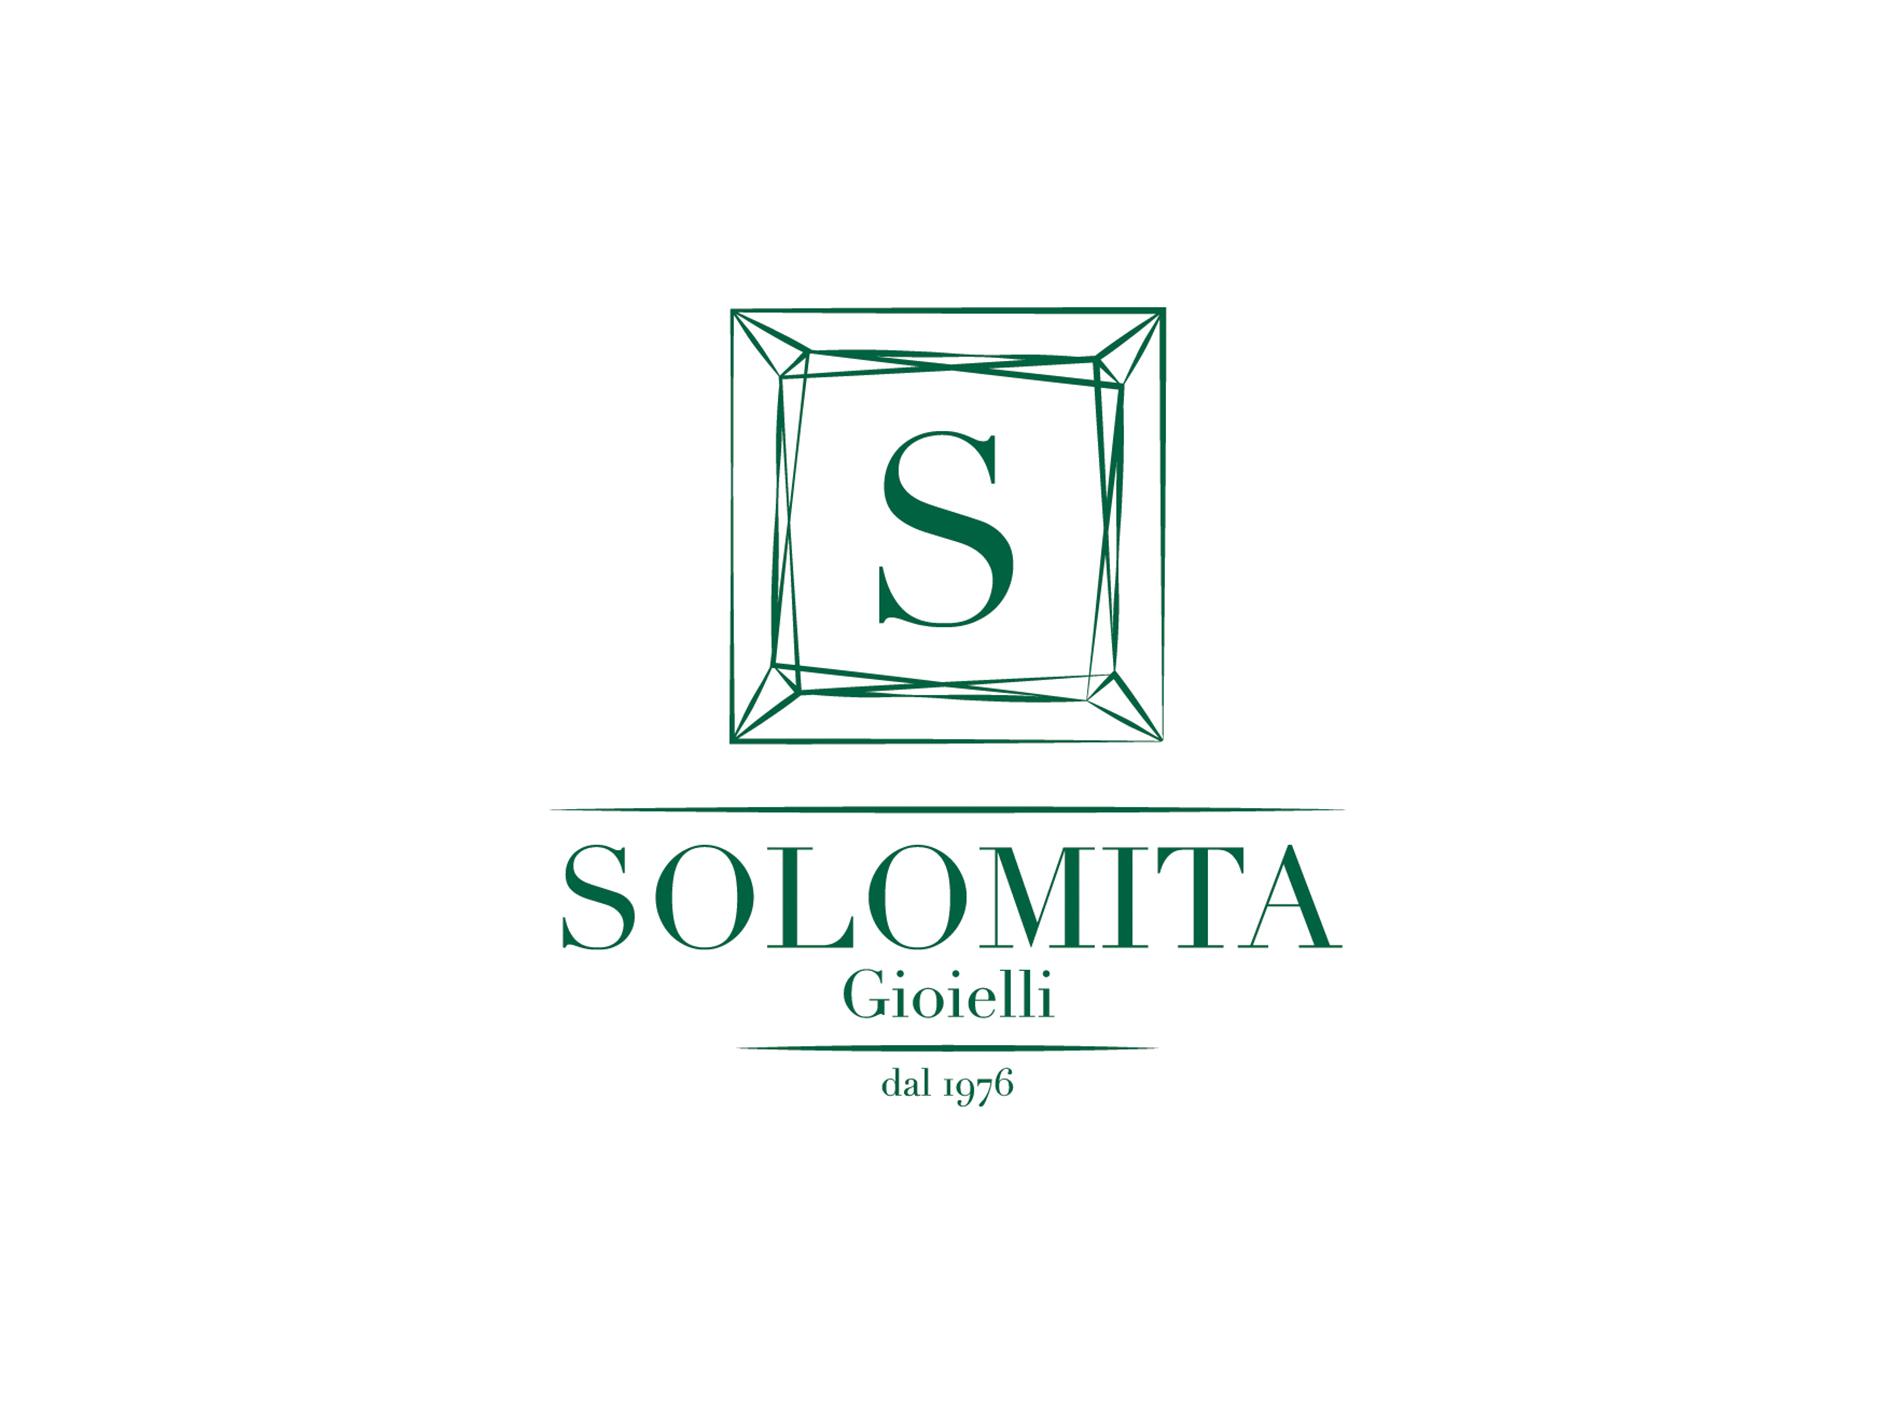 Solomita Gioielli dal 1976 Marchio